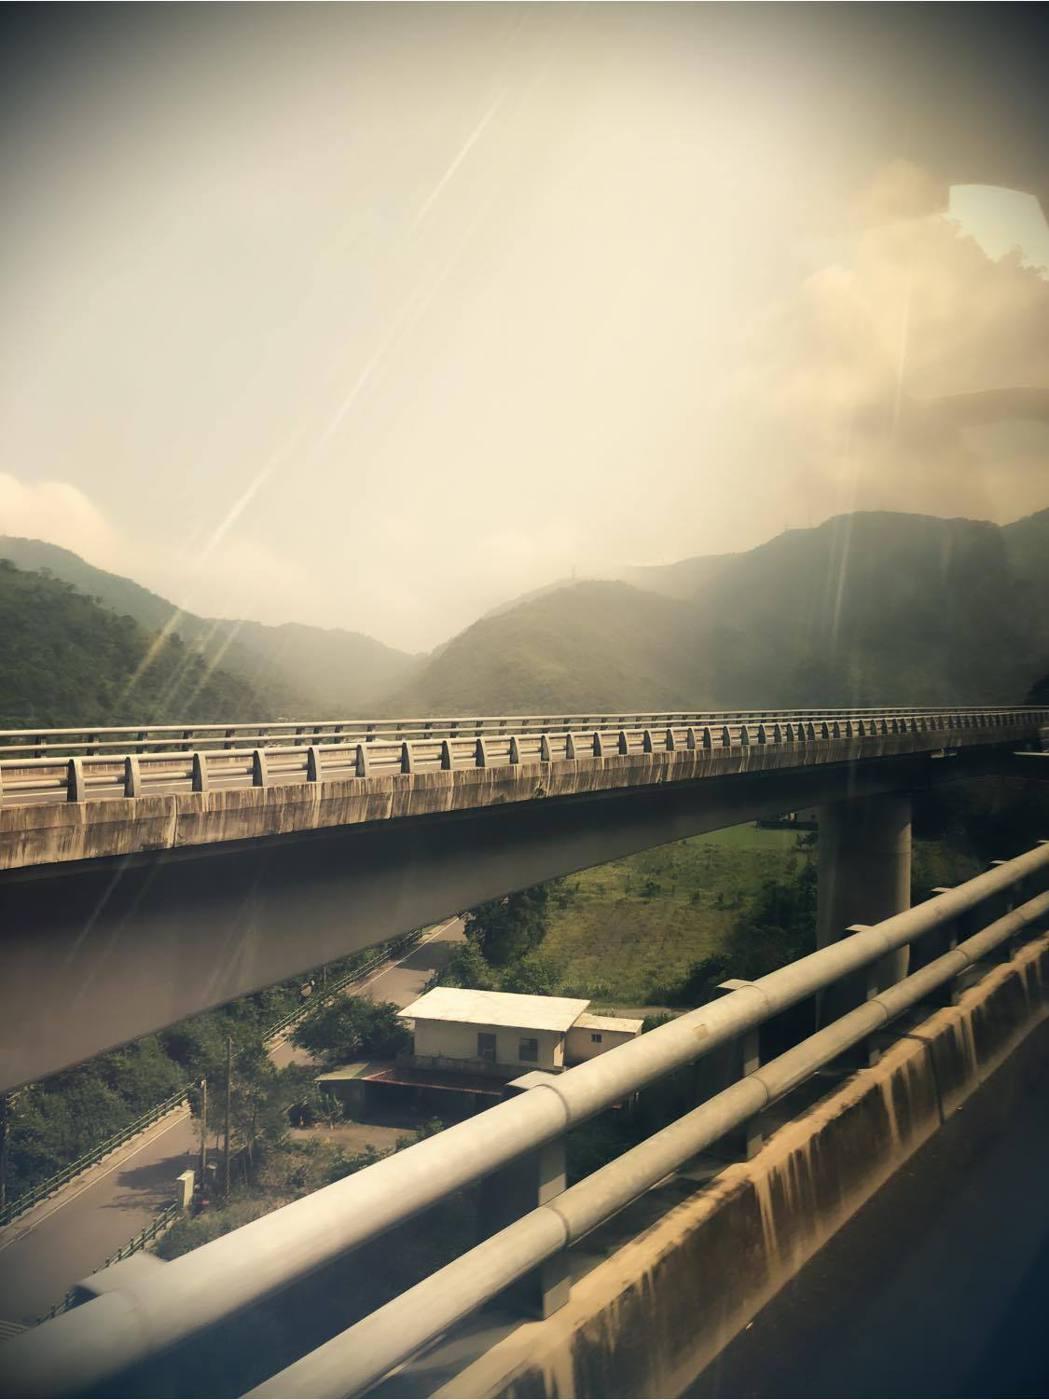 陳立芹在遊覽車上心中不安,拍下窗外景象報平安。圖/摘自臉書